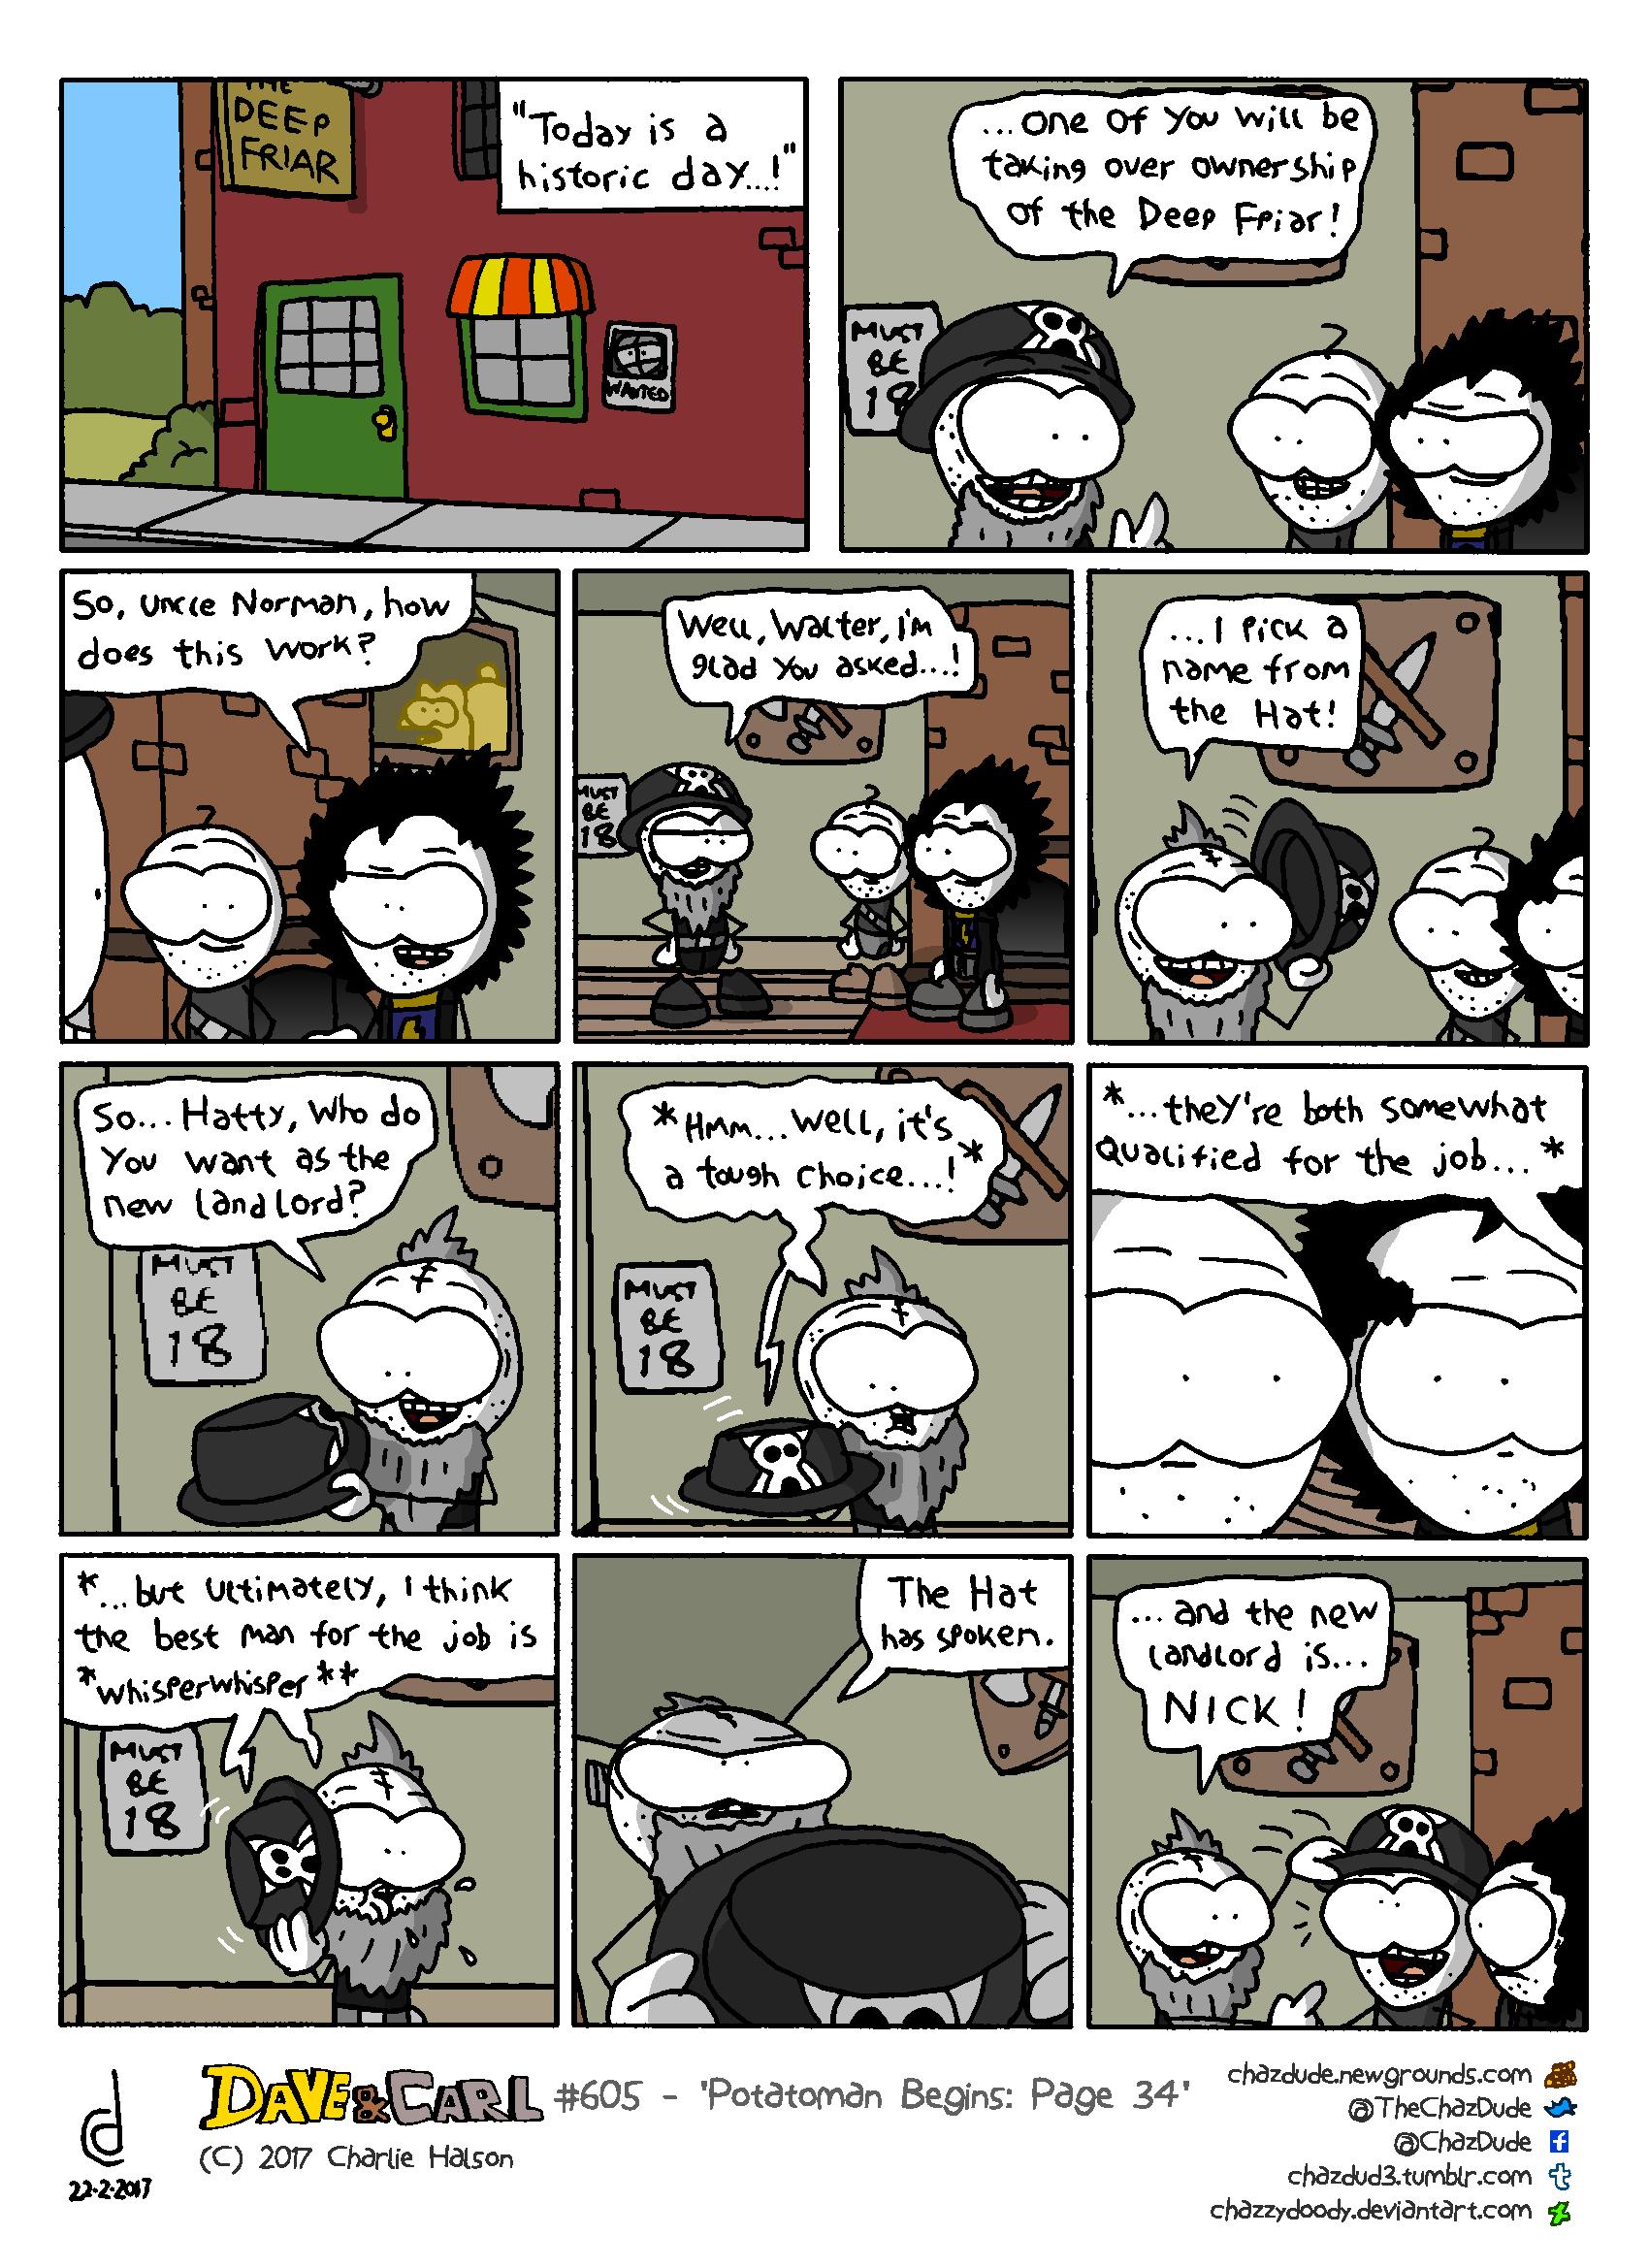 Potatoman Begins: Page 34